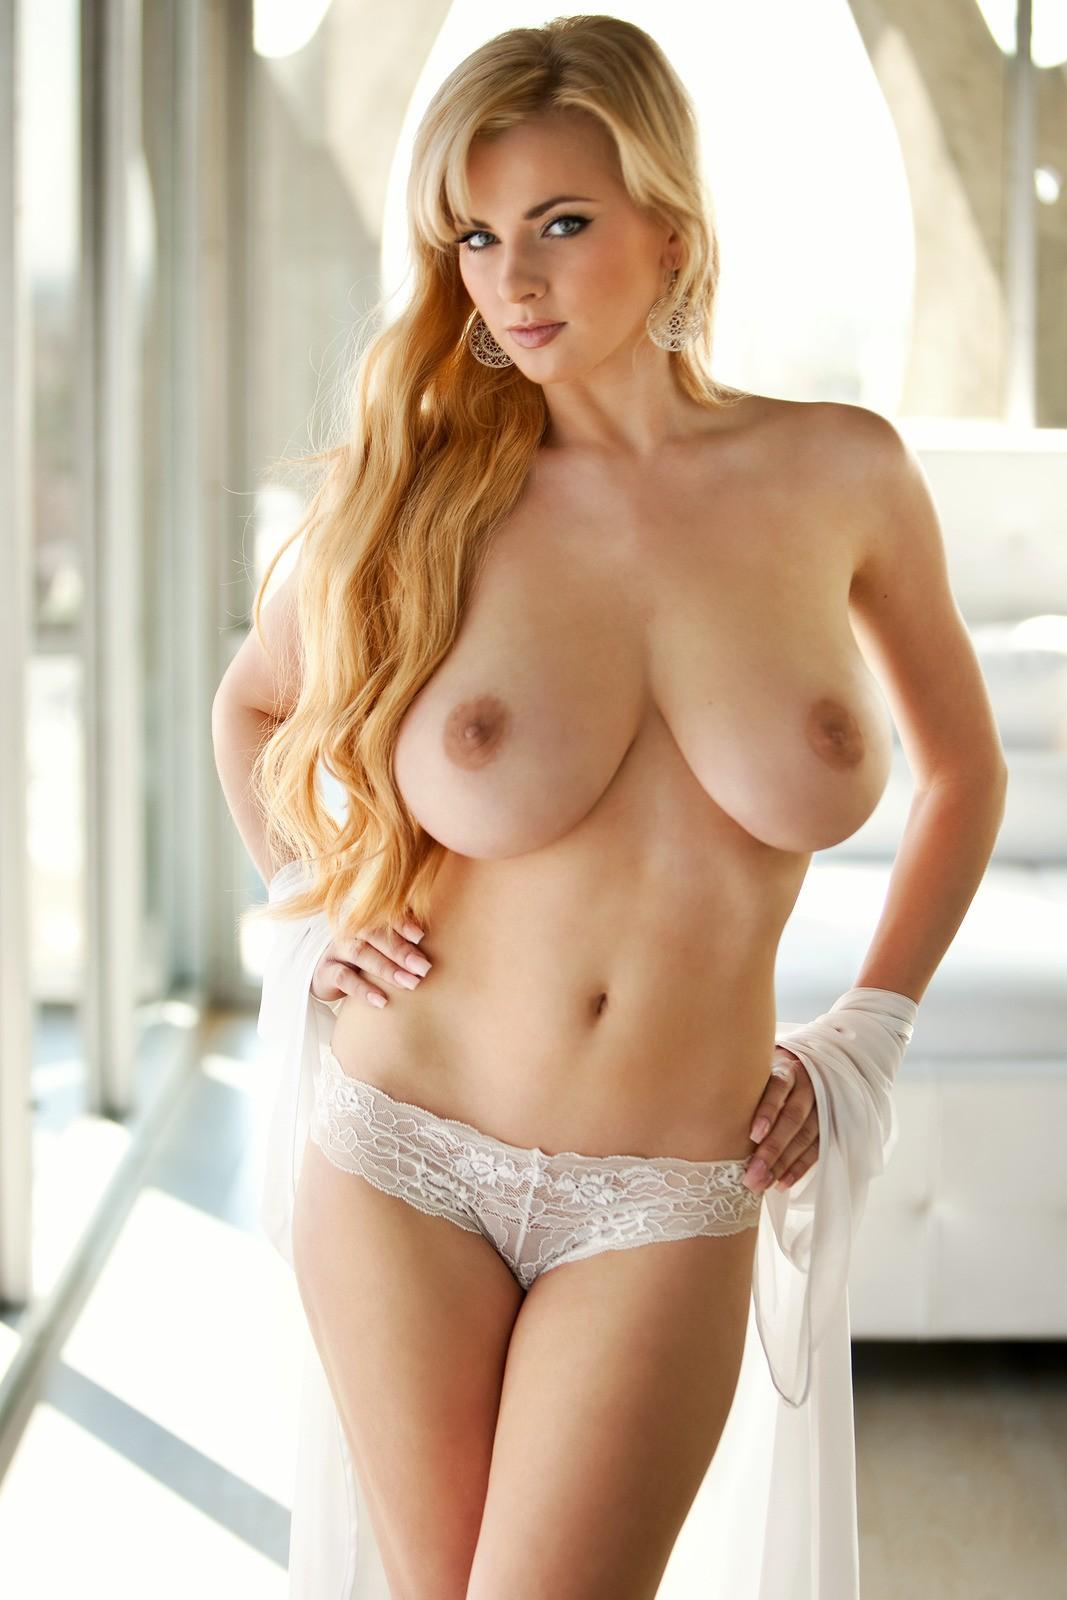 Украинки самые красивые девушки фото порно 24 фотография